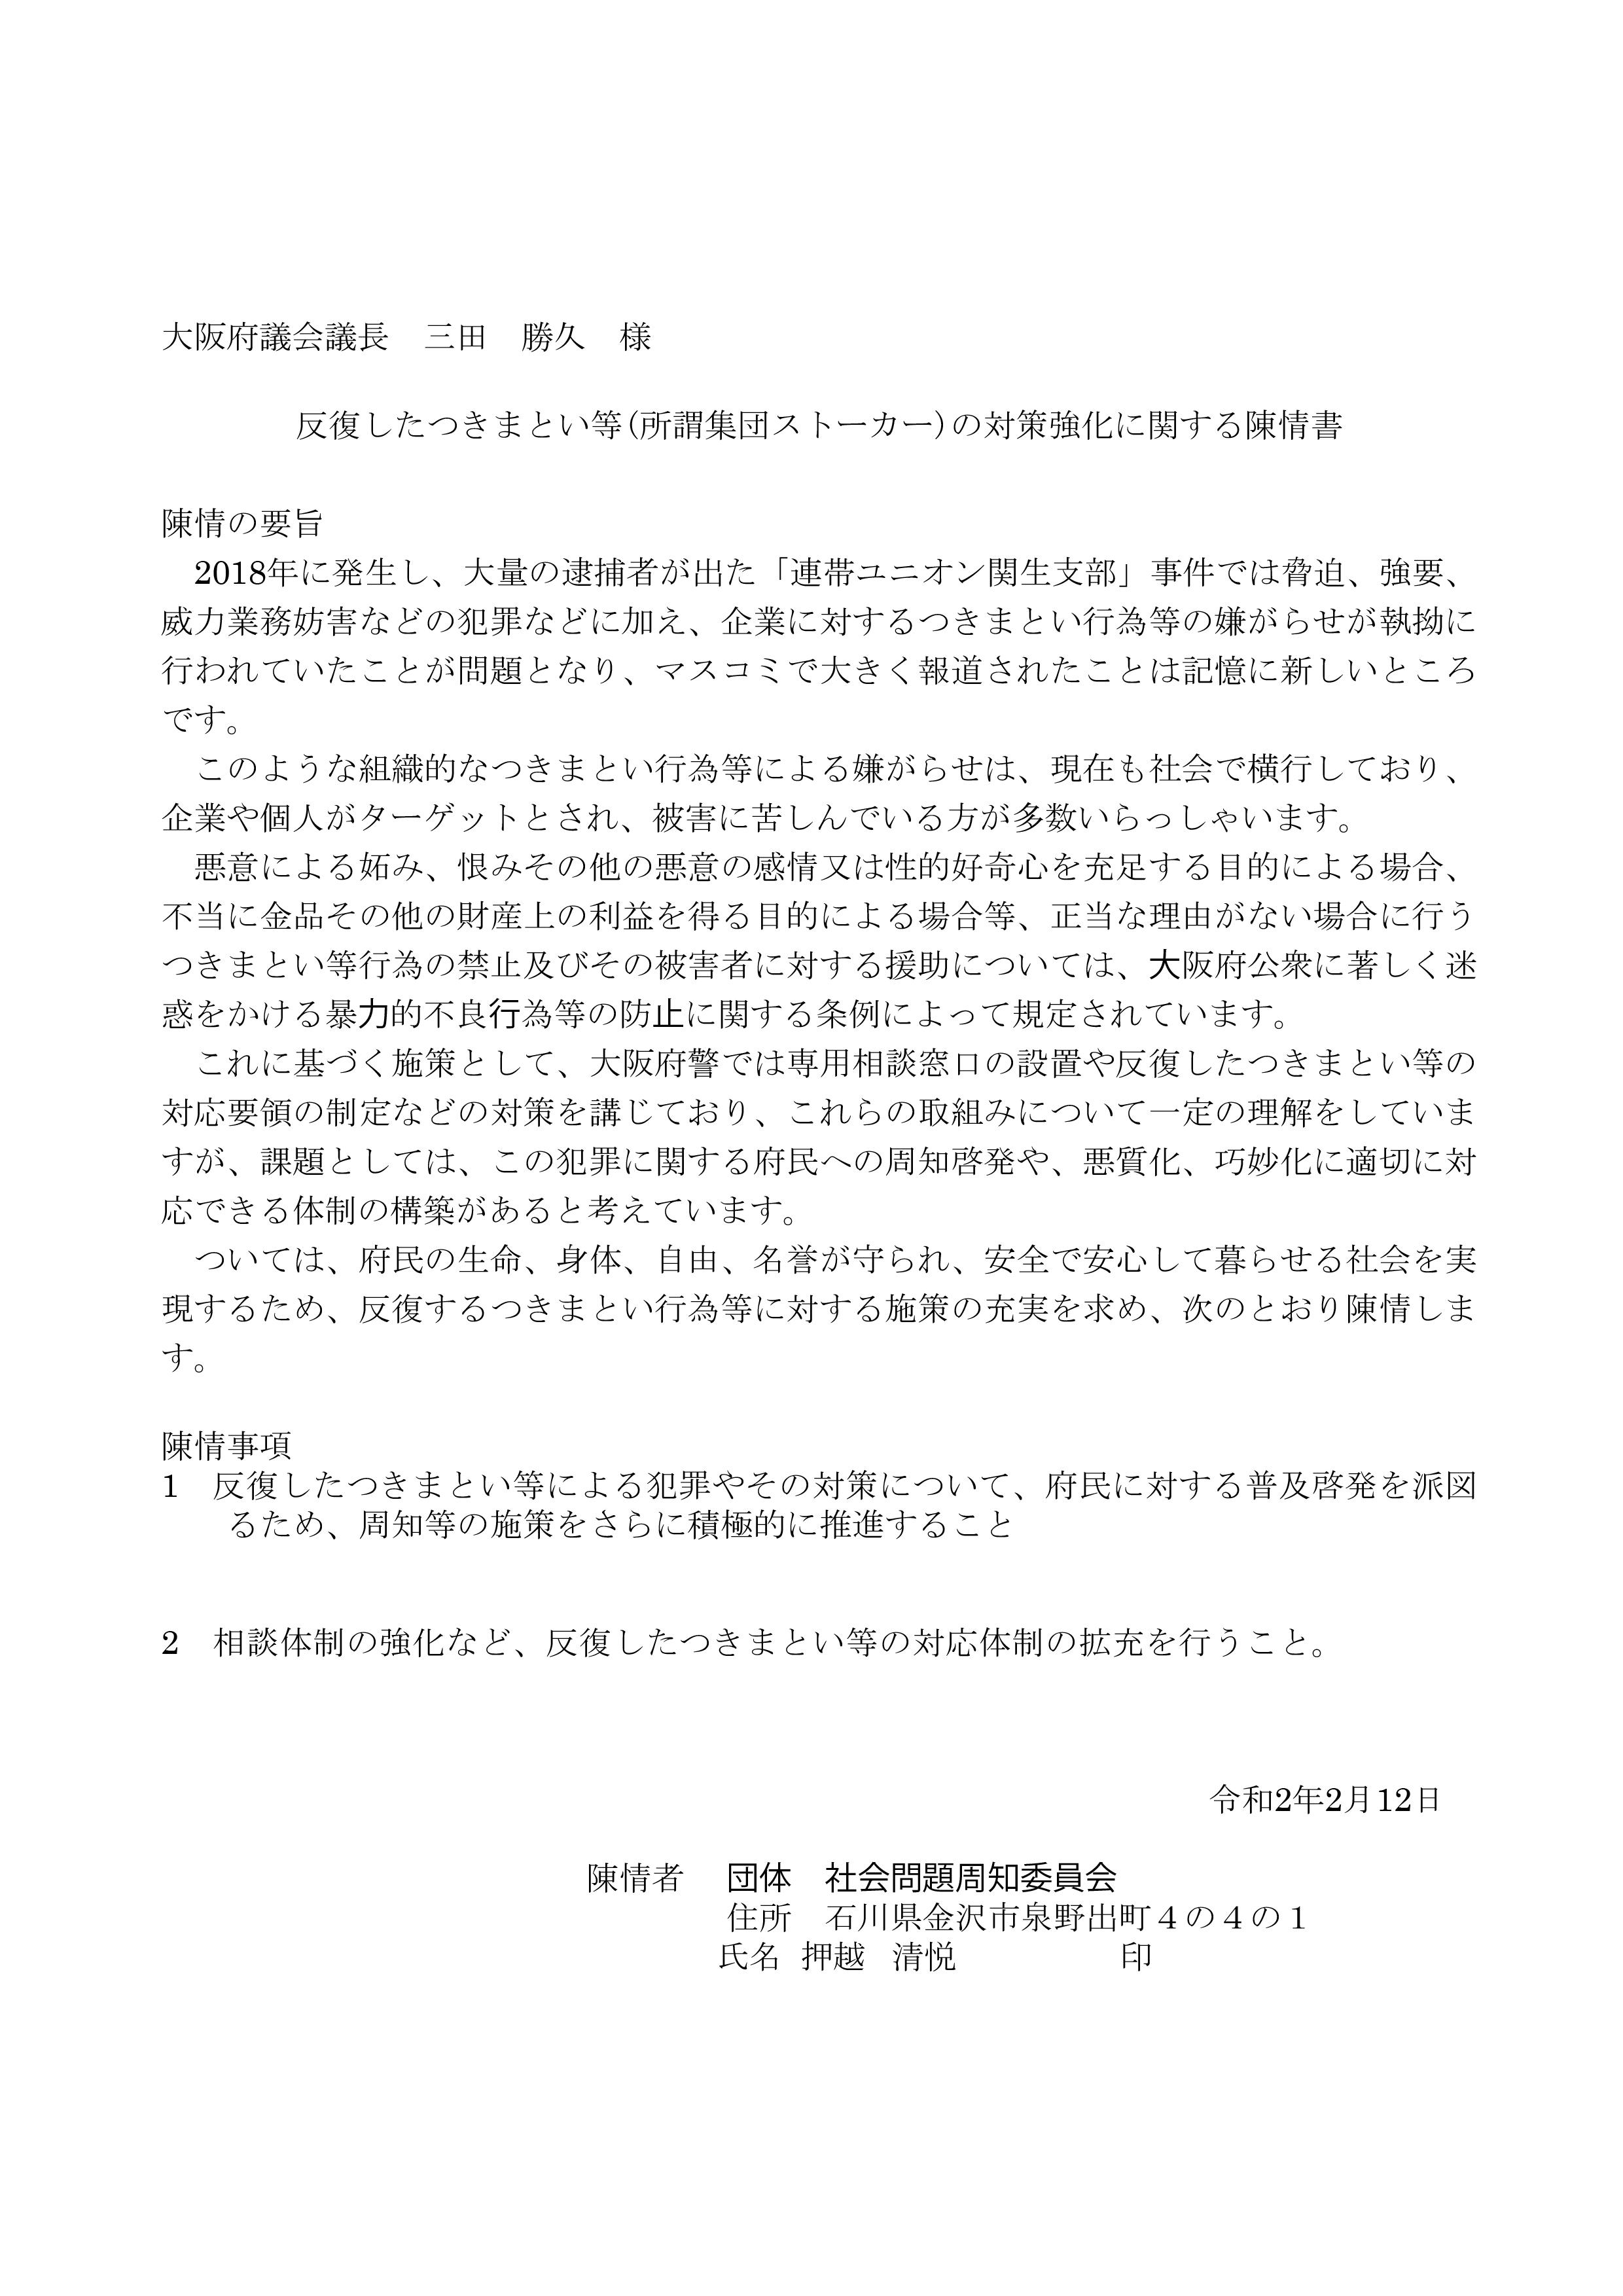 大阪府陳情書